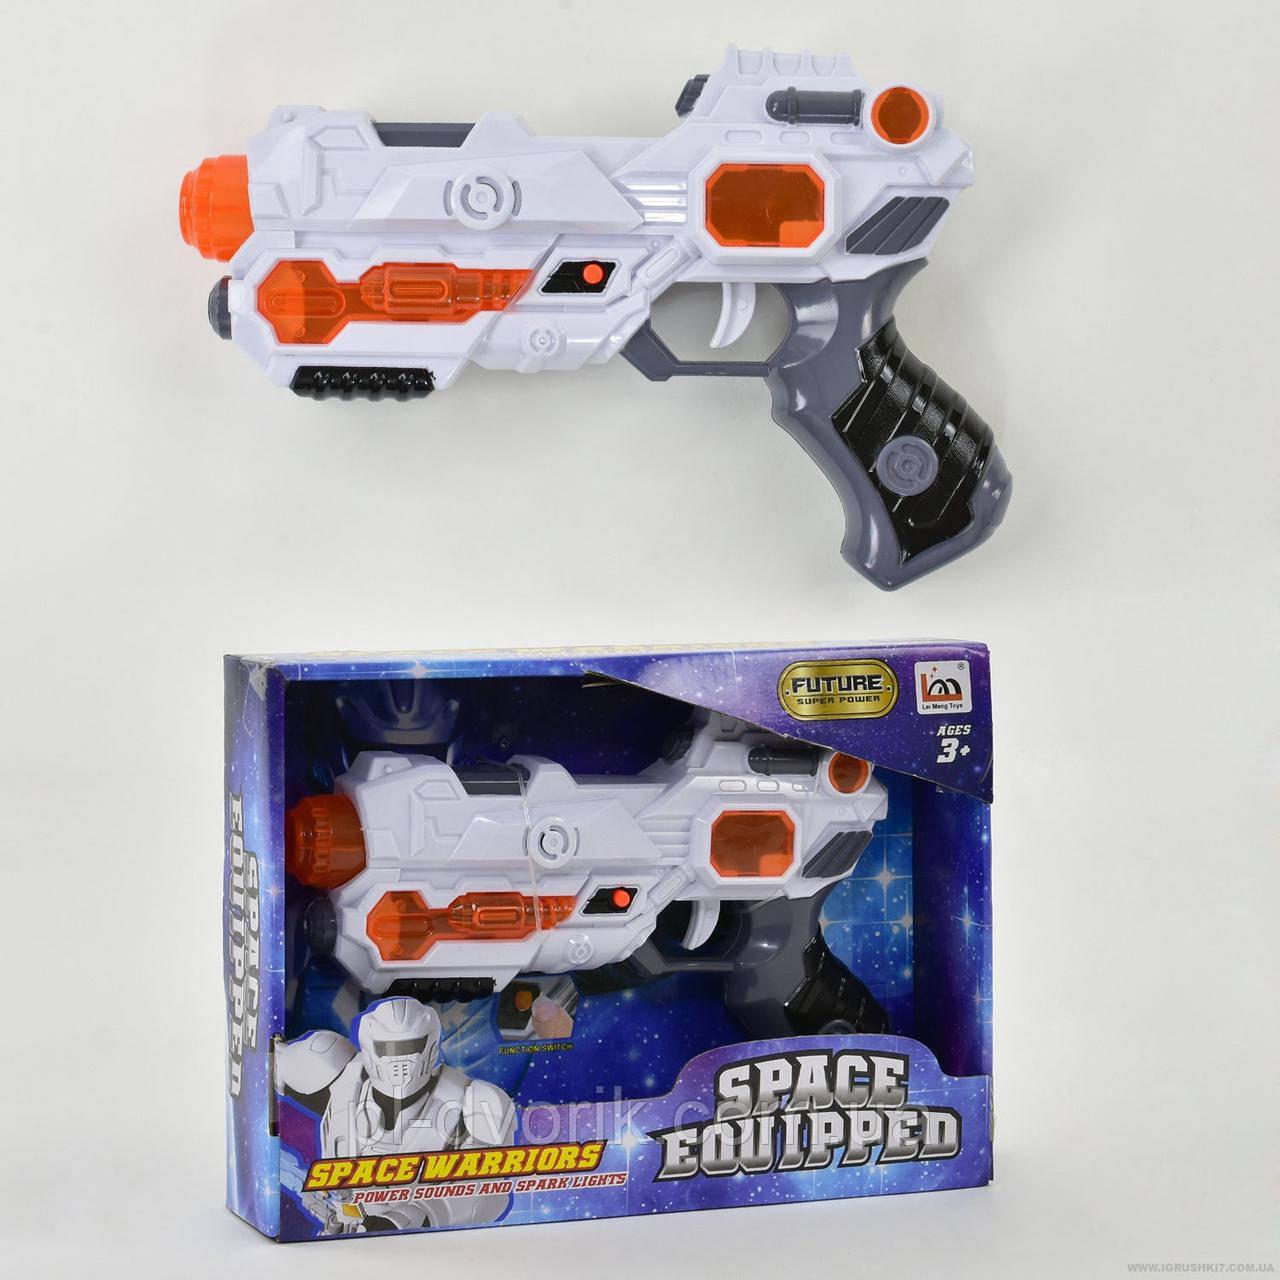 Пістолет LM 666-2 (60) музичний, в коробці Довжина: 28 см Ширина: 6 см Висота: 20 см Упаковка: Коробка Вообра